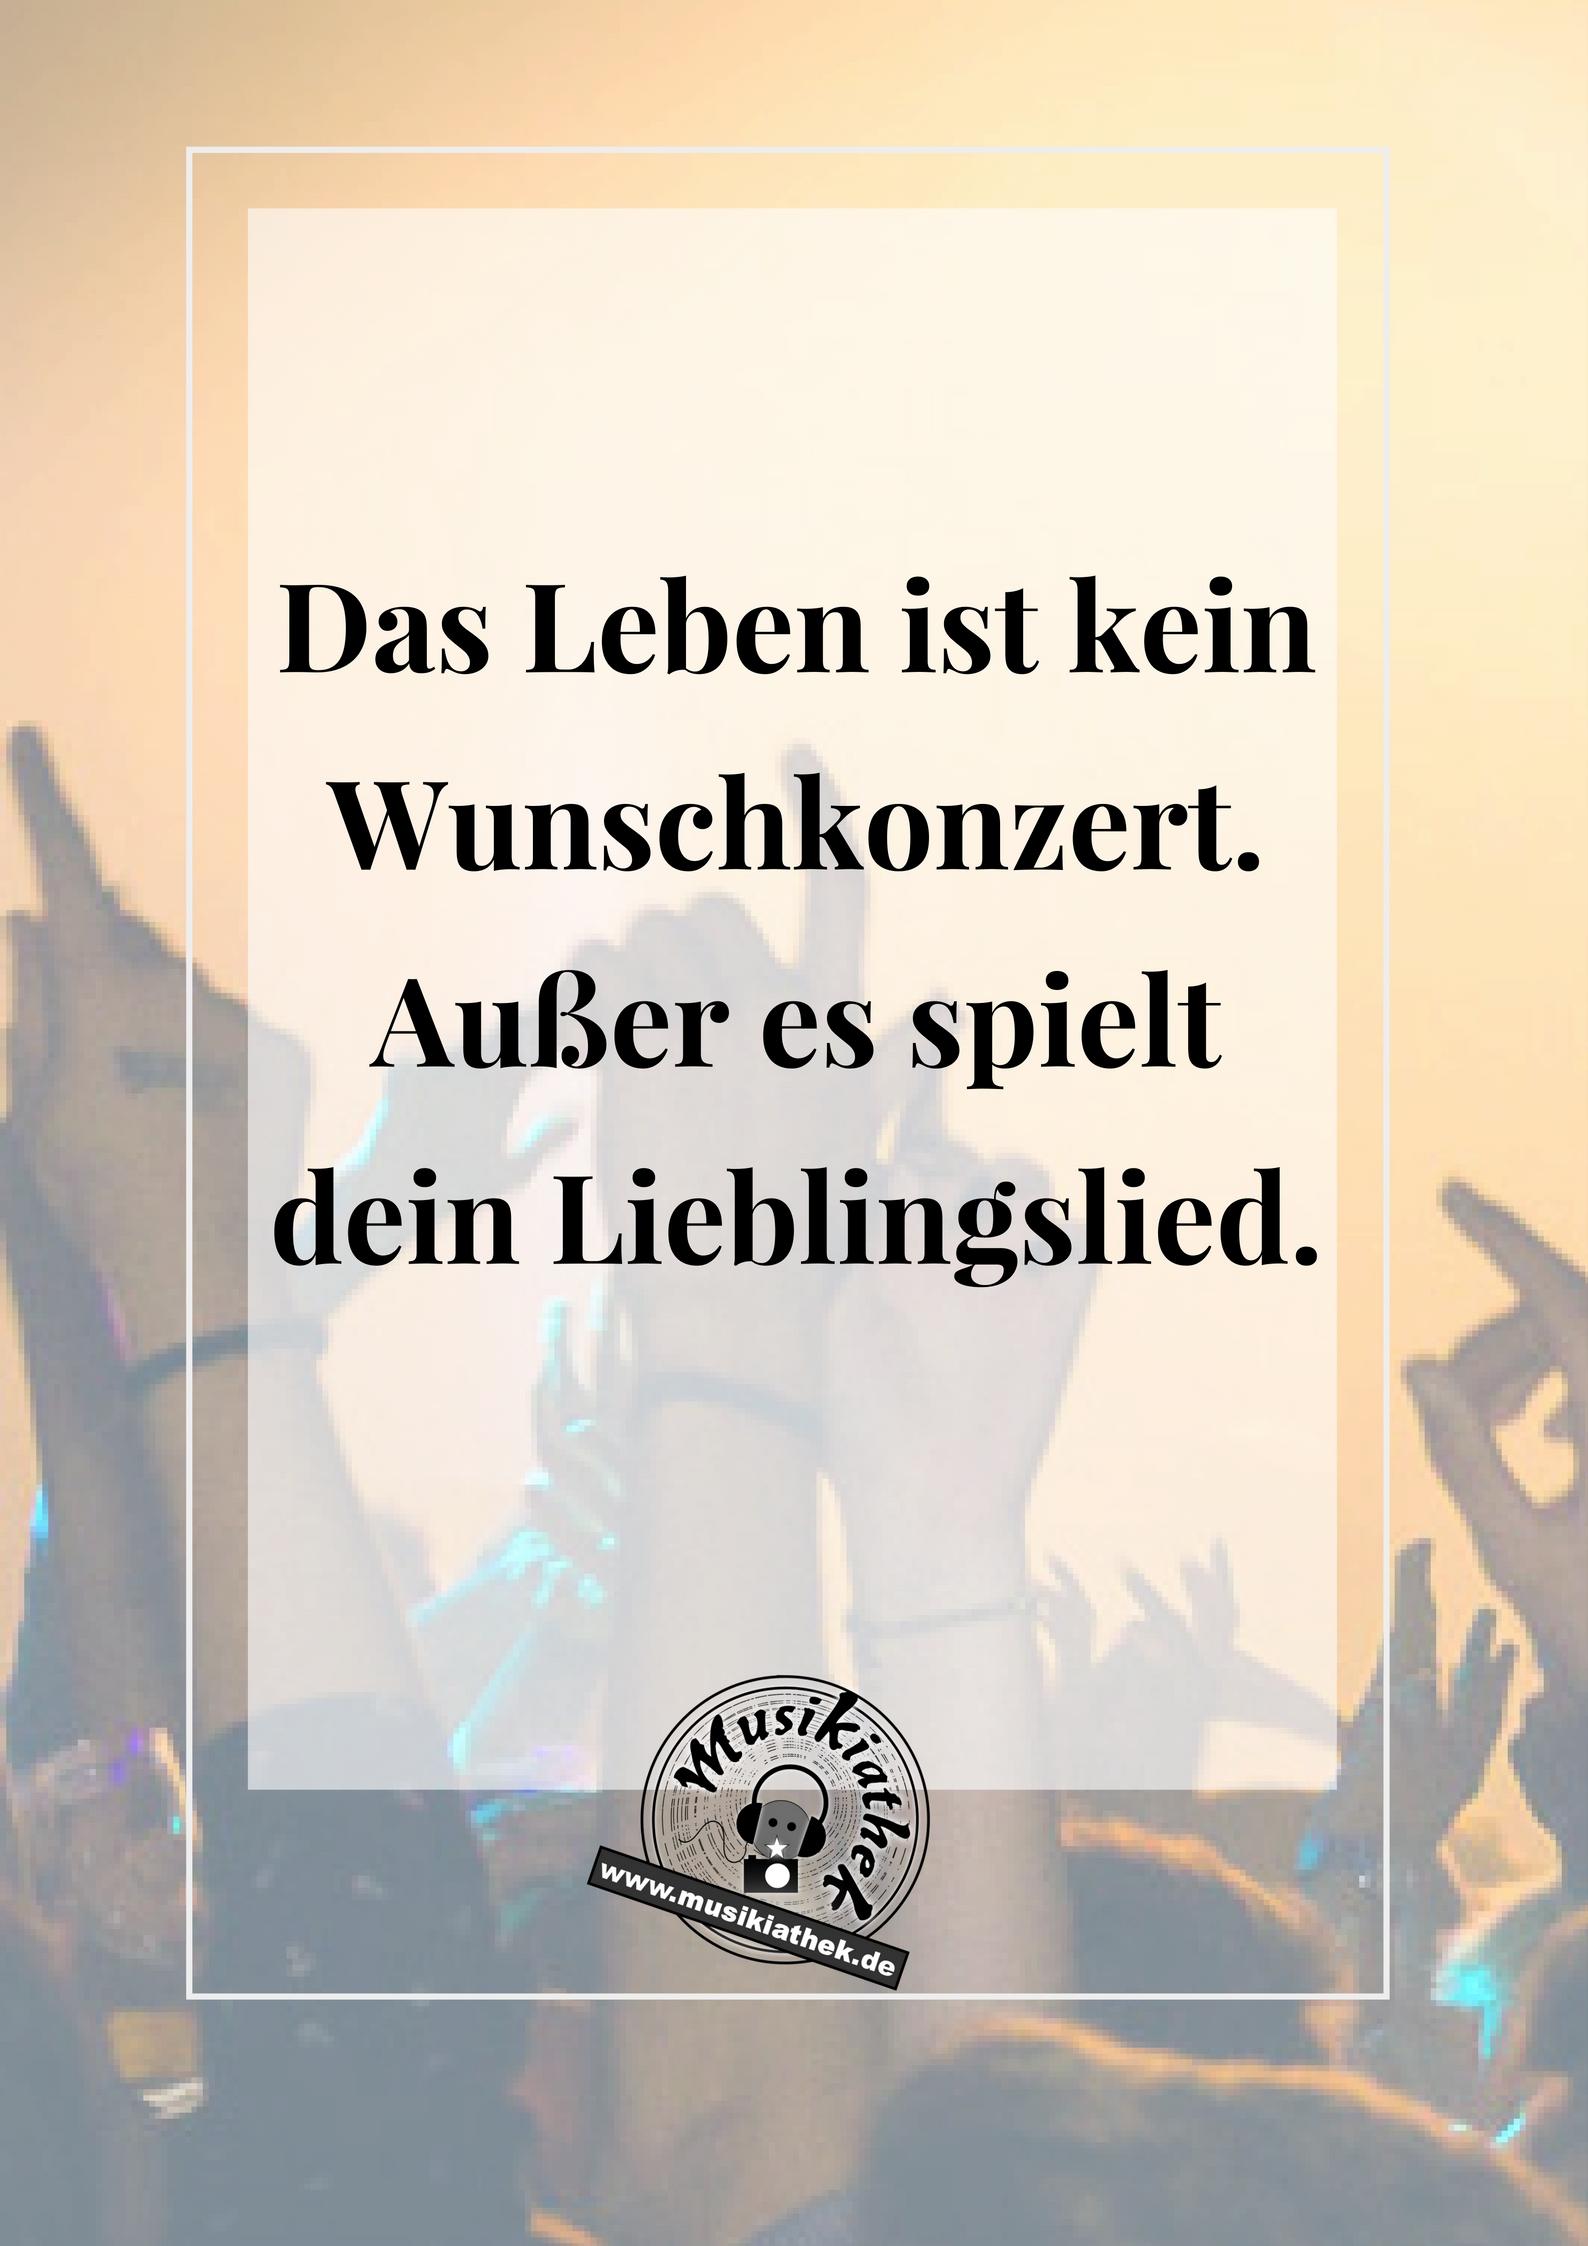 sprüche musik 🎵 Die TOP 7 Musik Sprüche – Teil 3 › Musikiathek sprüche musik